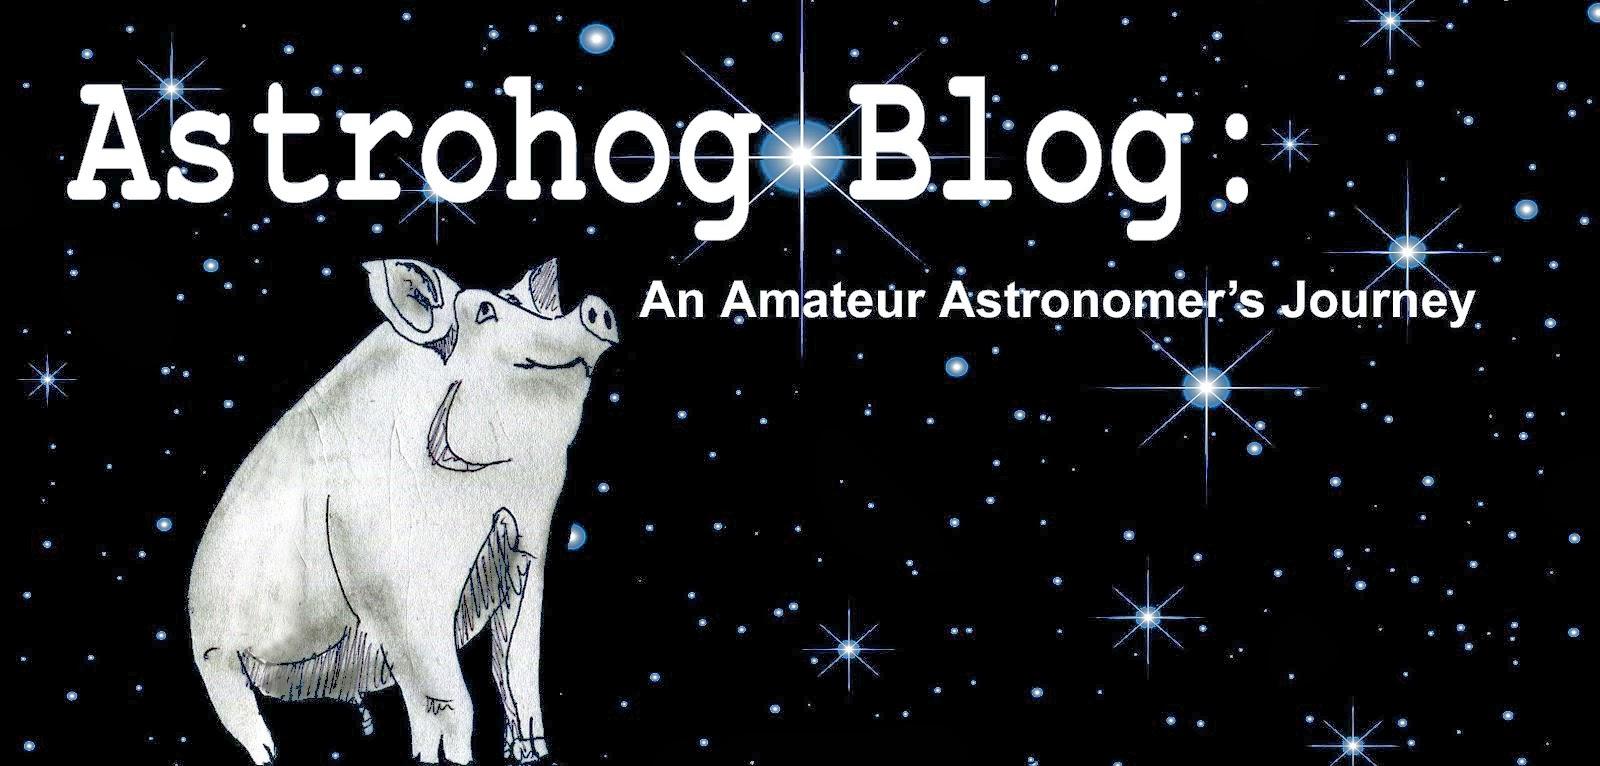 Astrohog Blog: